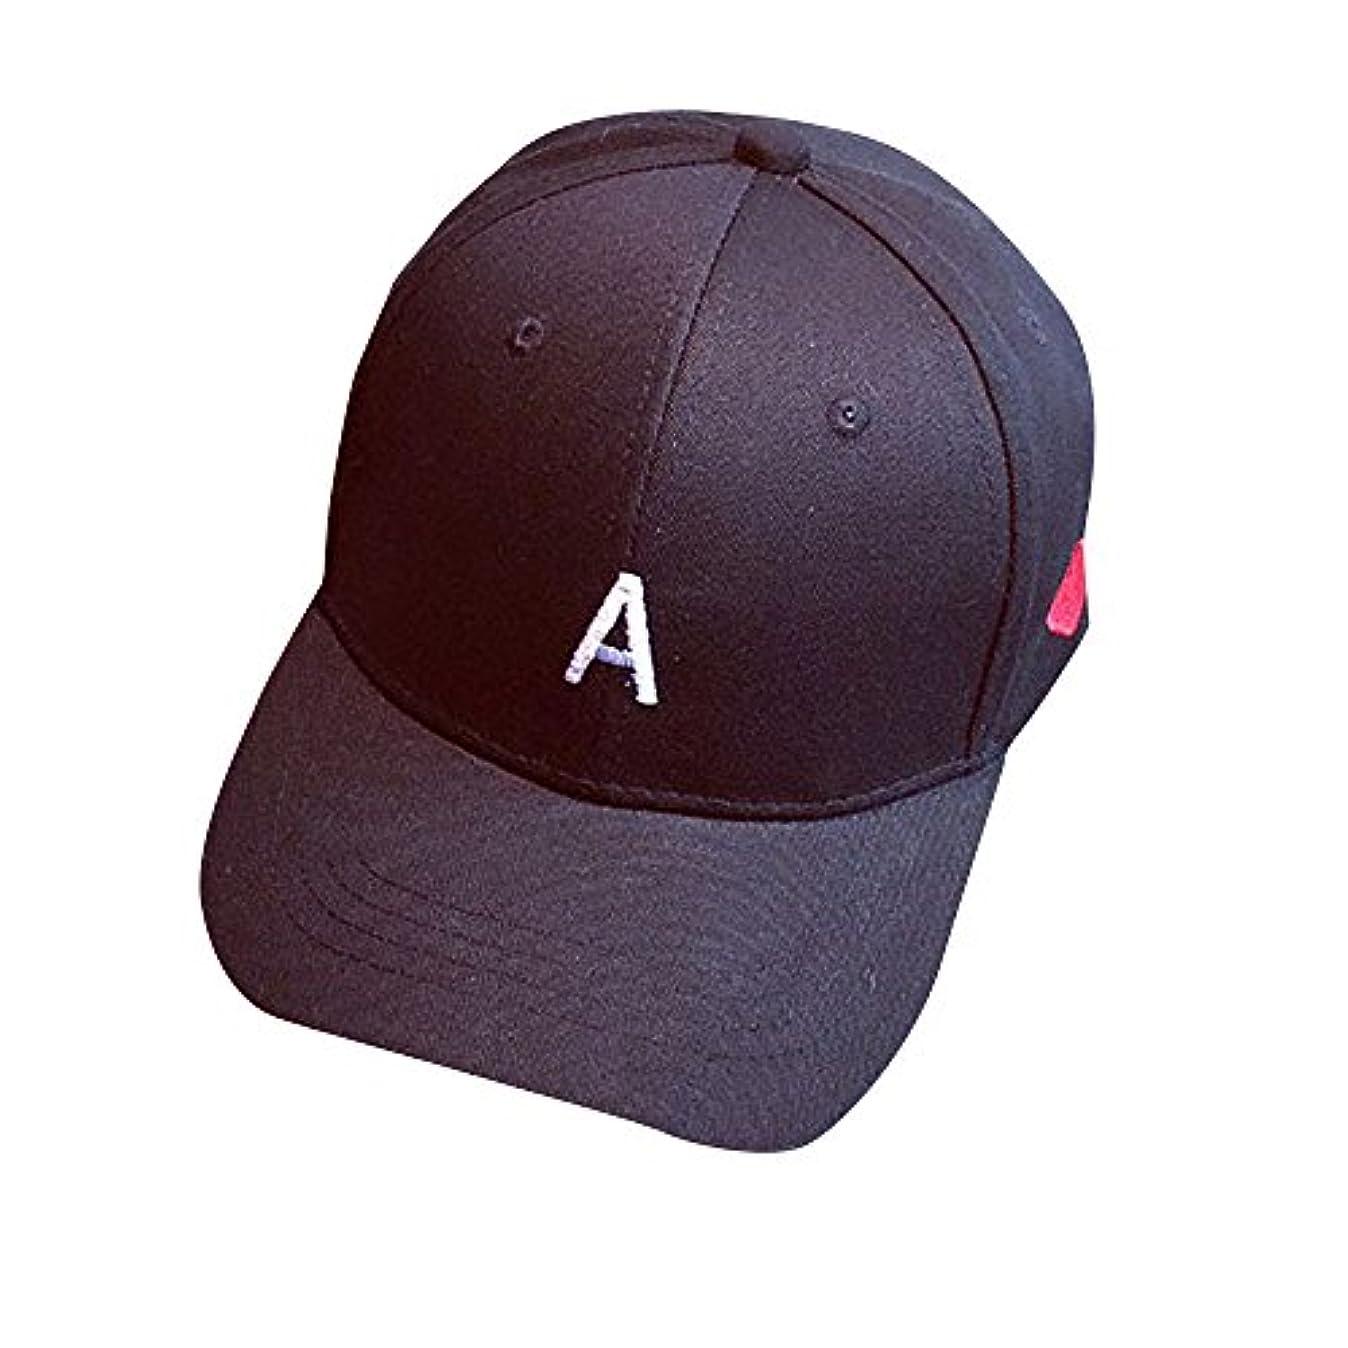 細分化するセブンエキスRacazing Cap 文字刺繍 野球帽 無地 キャップ 夏 登山 通気性のある 帽子 ベルクロ 可調整可能 ヒップホップ 棒球帽 UV 帽子 軽量 屋外 Unisex Hat (黒)